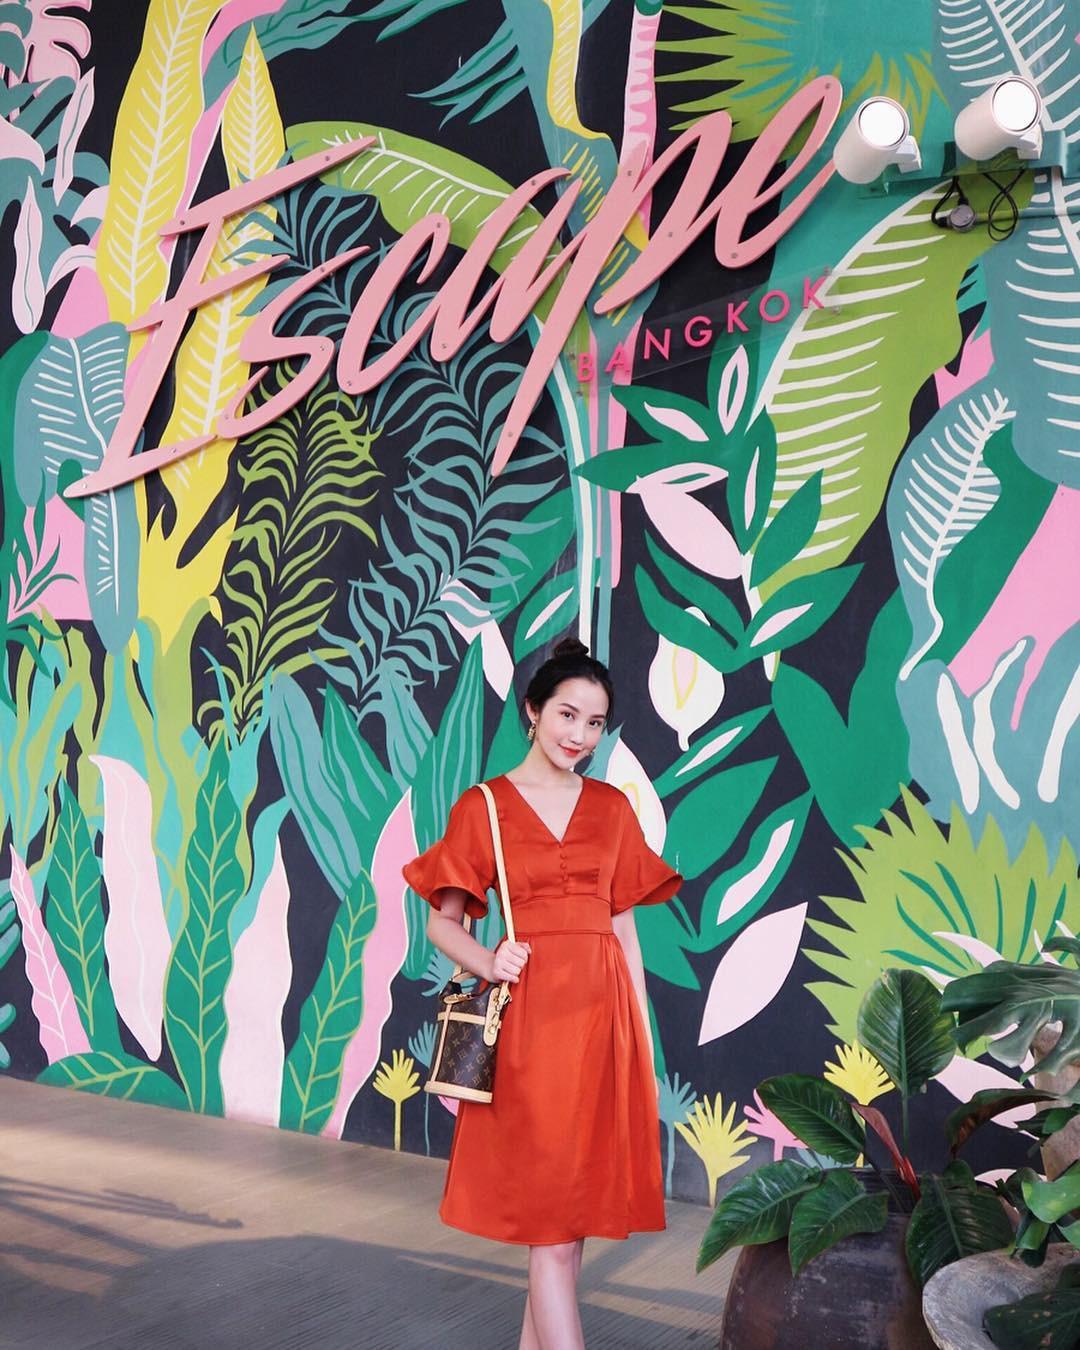 3 ái nữ 'cành vàng lá ngọc' nhà đại gia Việt: Thay đồ hiệu như thay áo, xách túi hiệu như xách giỏ đi chợ mỗi ngày - 33